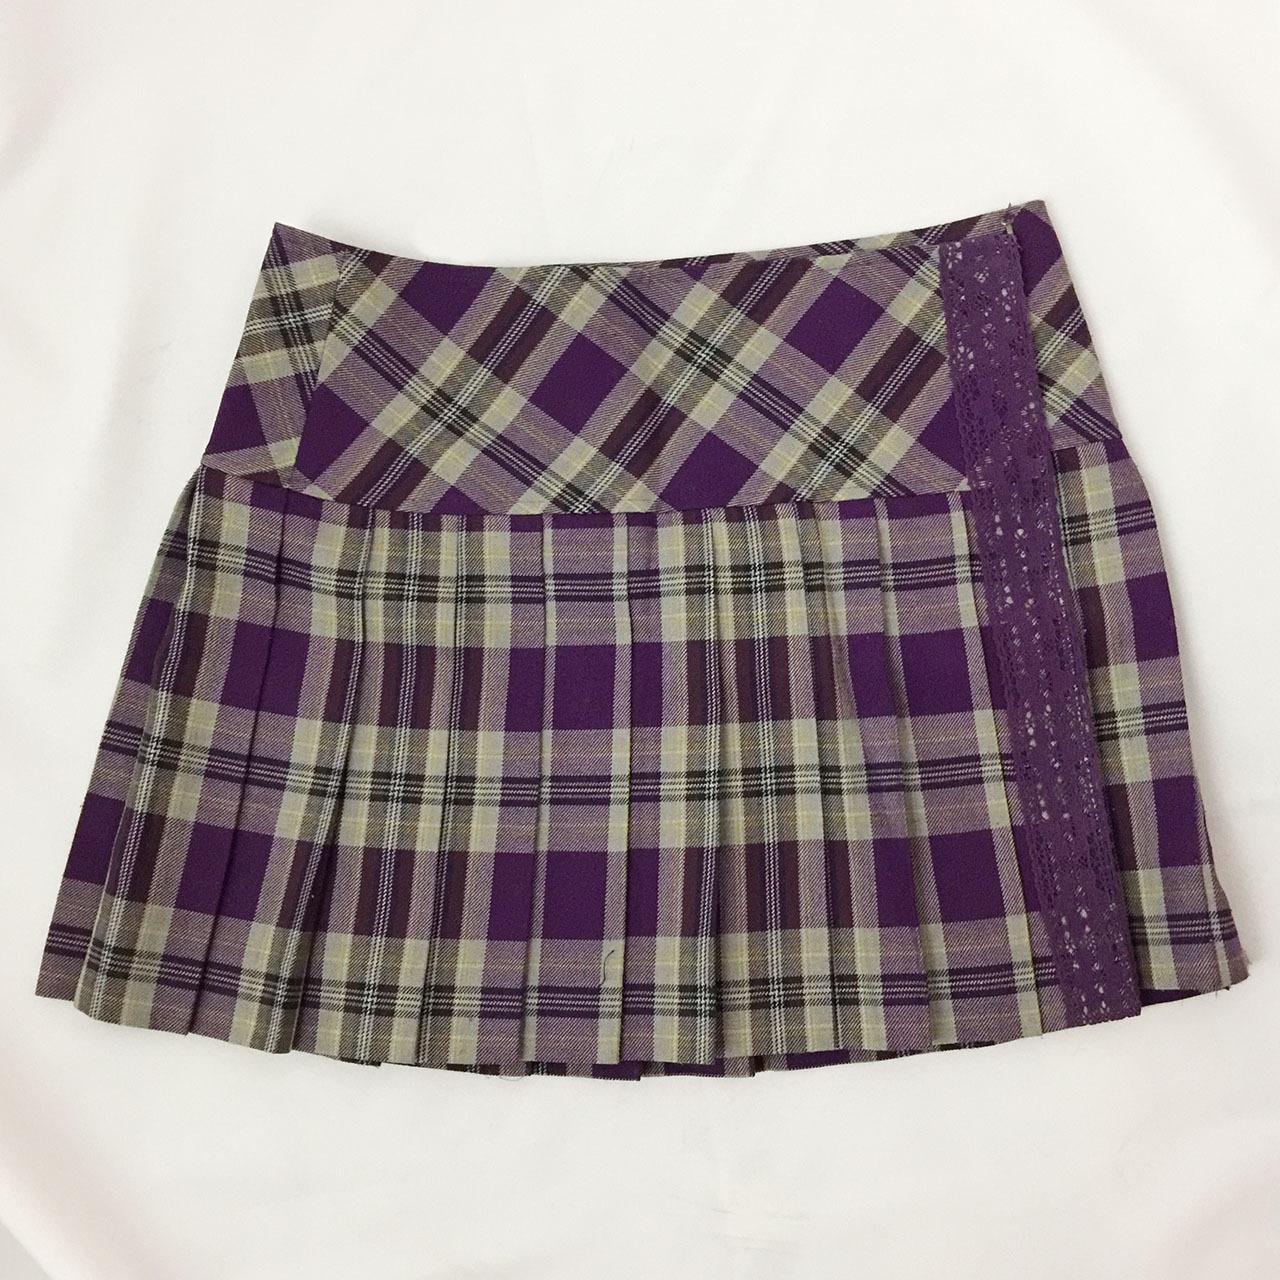 パープルチェックプリーツスカート